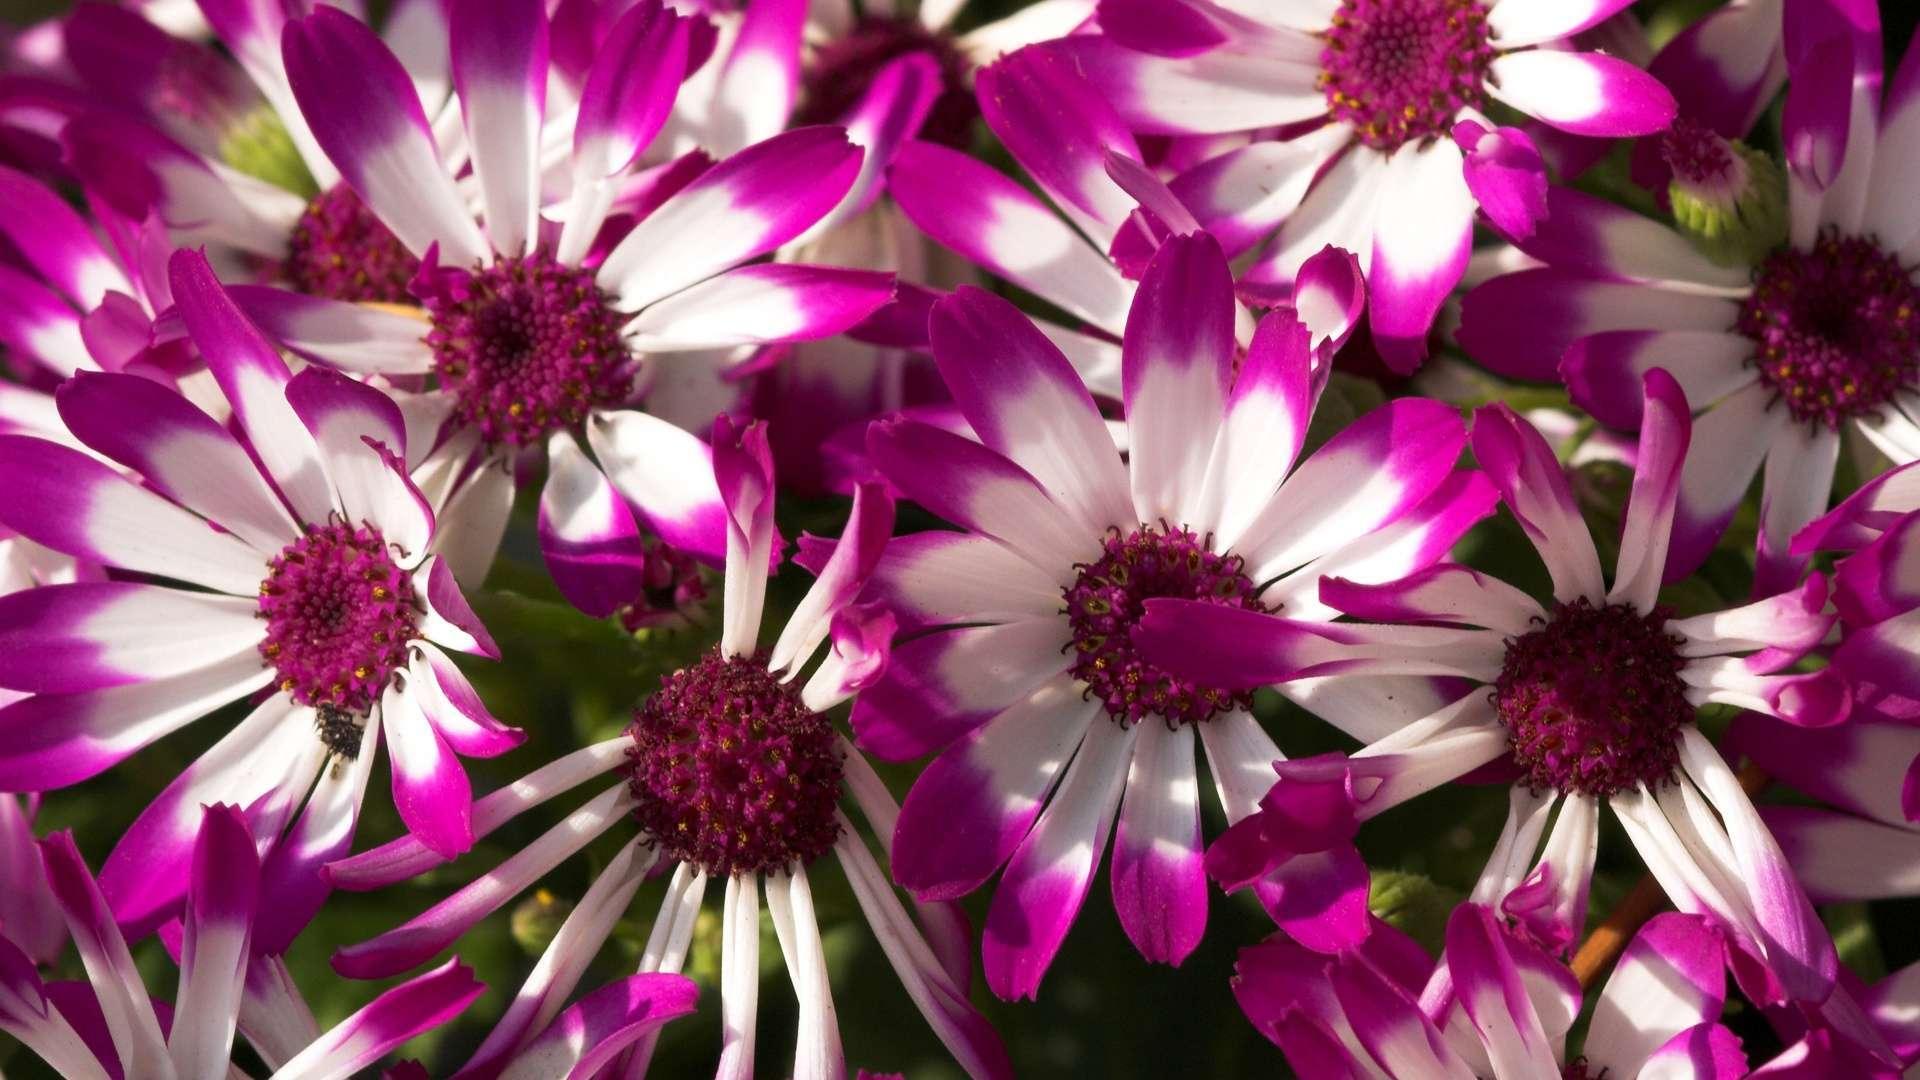 Beautiful Purple Flowers HD Wallpaper 1080p HDWallWide 1920x1080